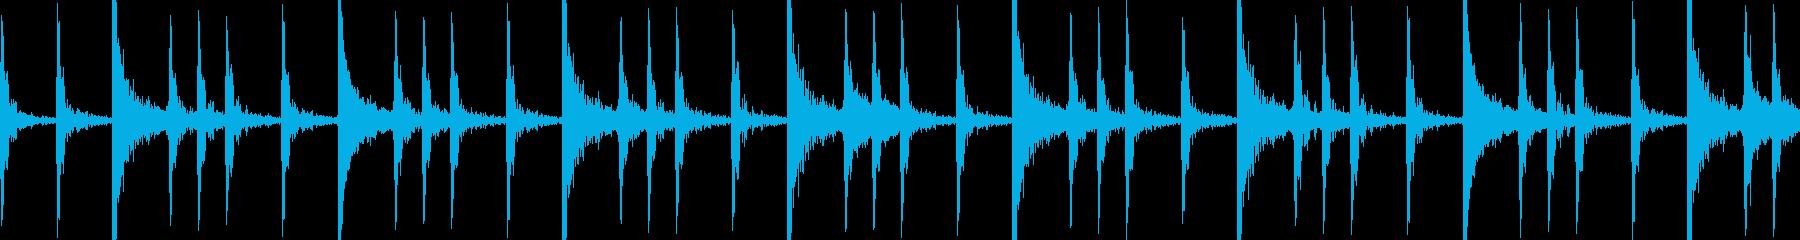 メタル系ドラムの8ビートの再生済みの波形